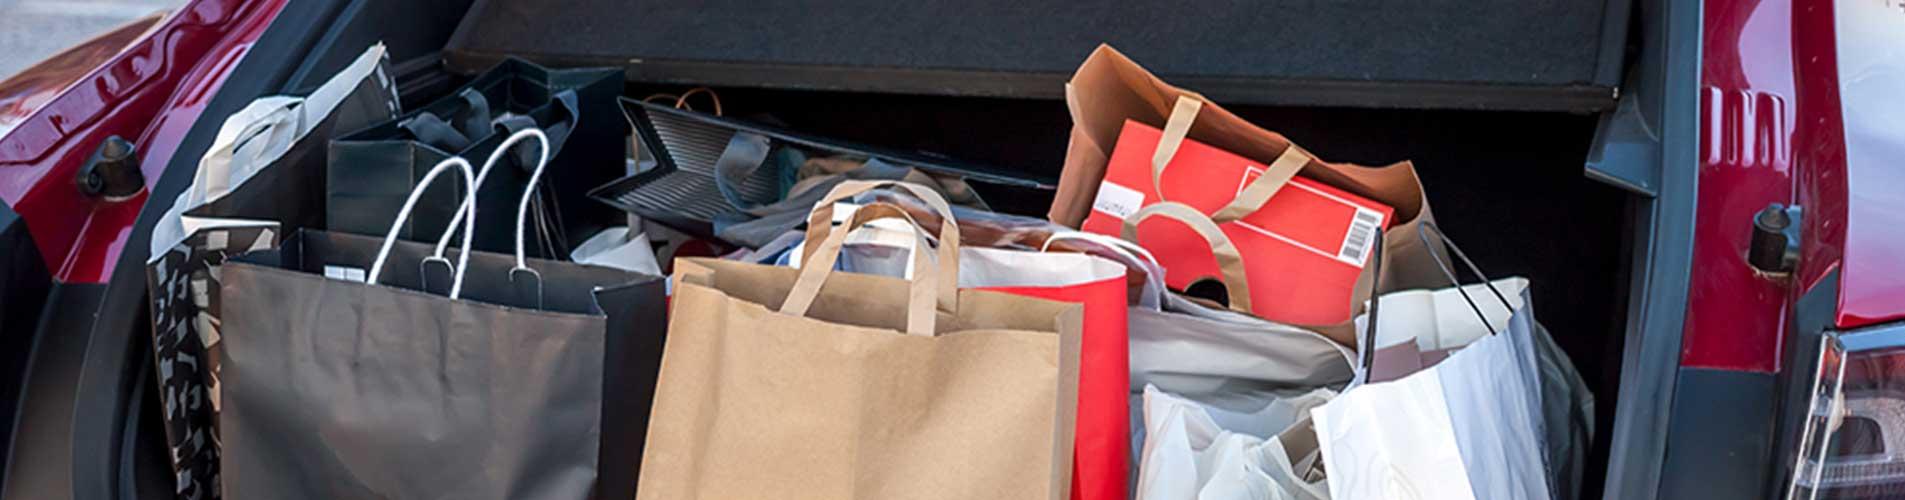 Kurierfahrten und Einkaufsfahrten